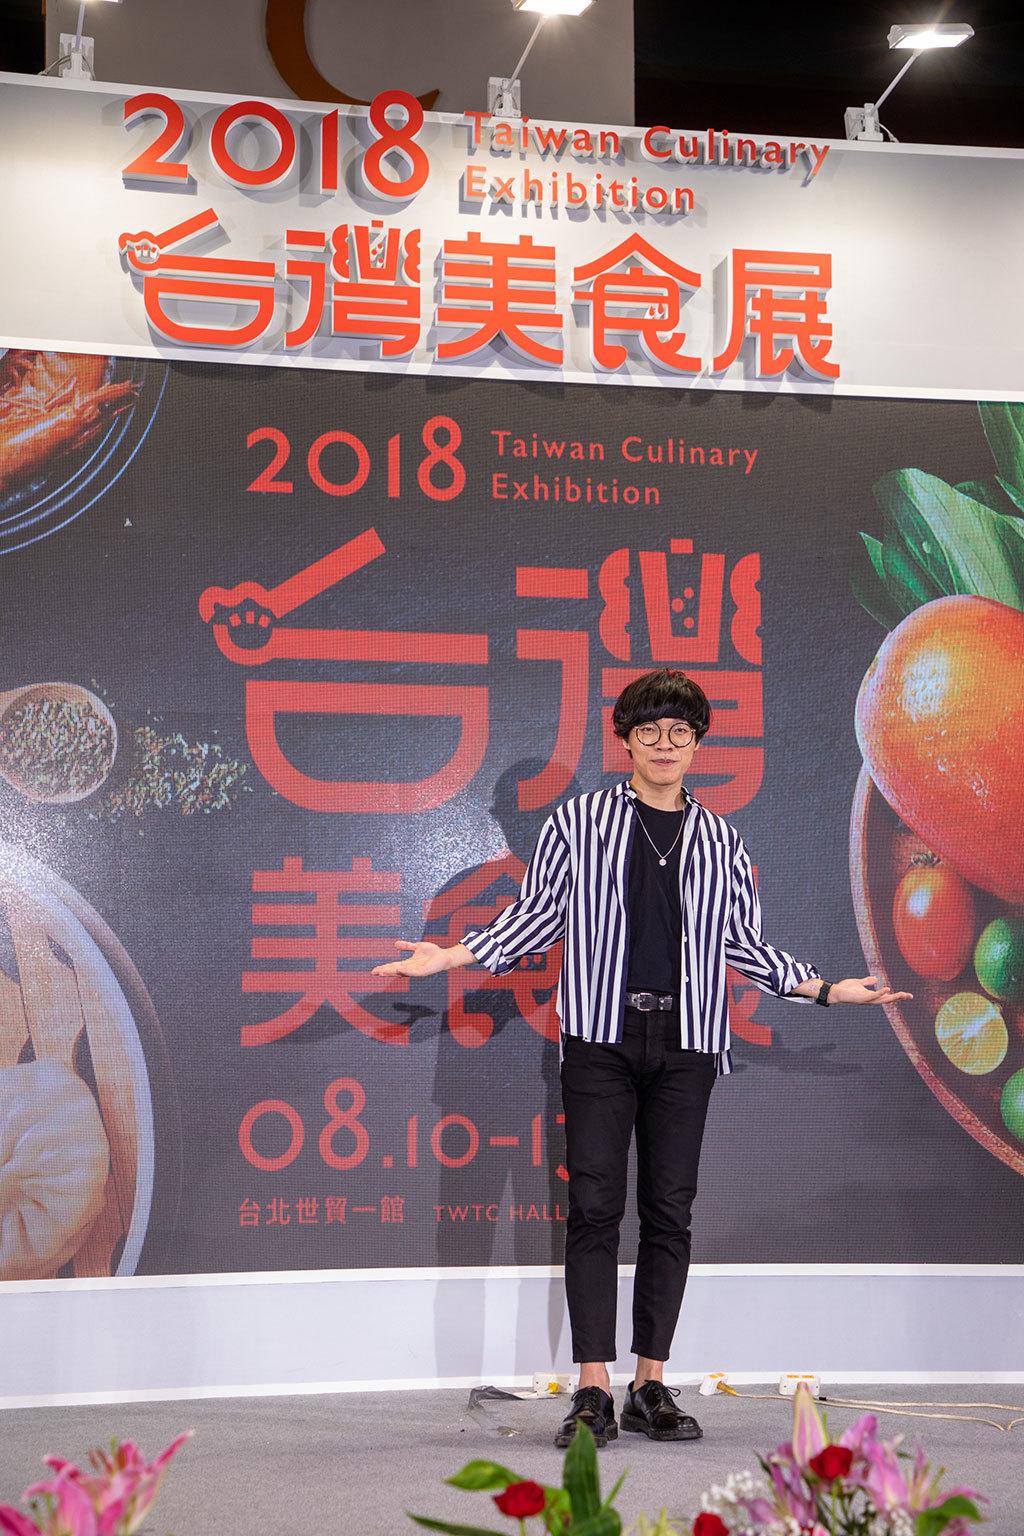 2018台灣美食展宣伝大使-盧廣仲